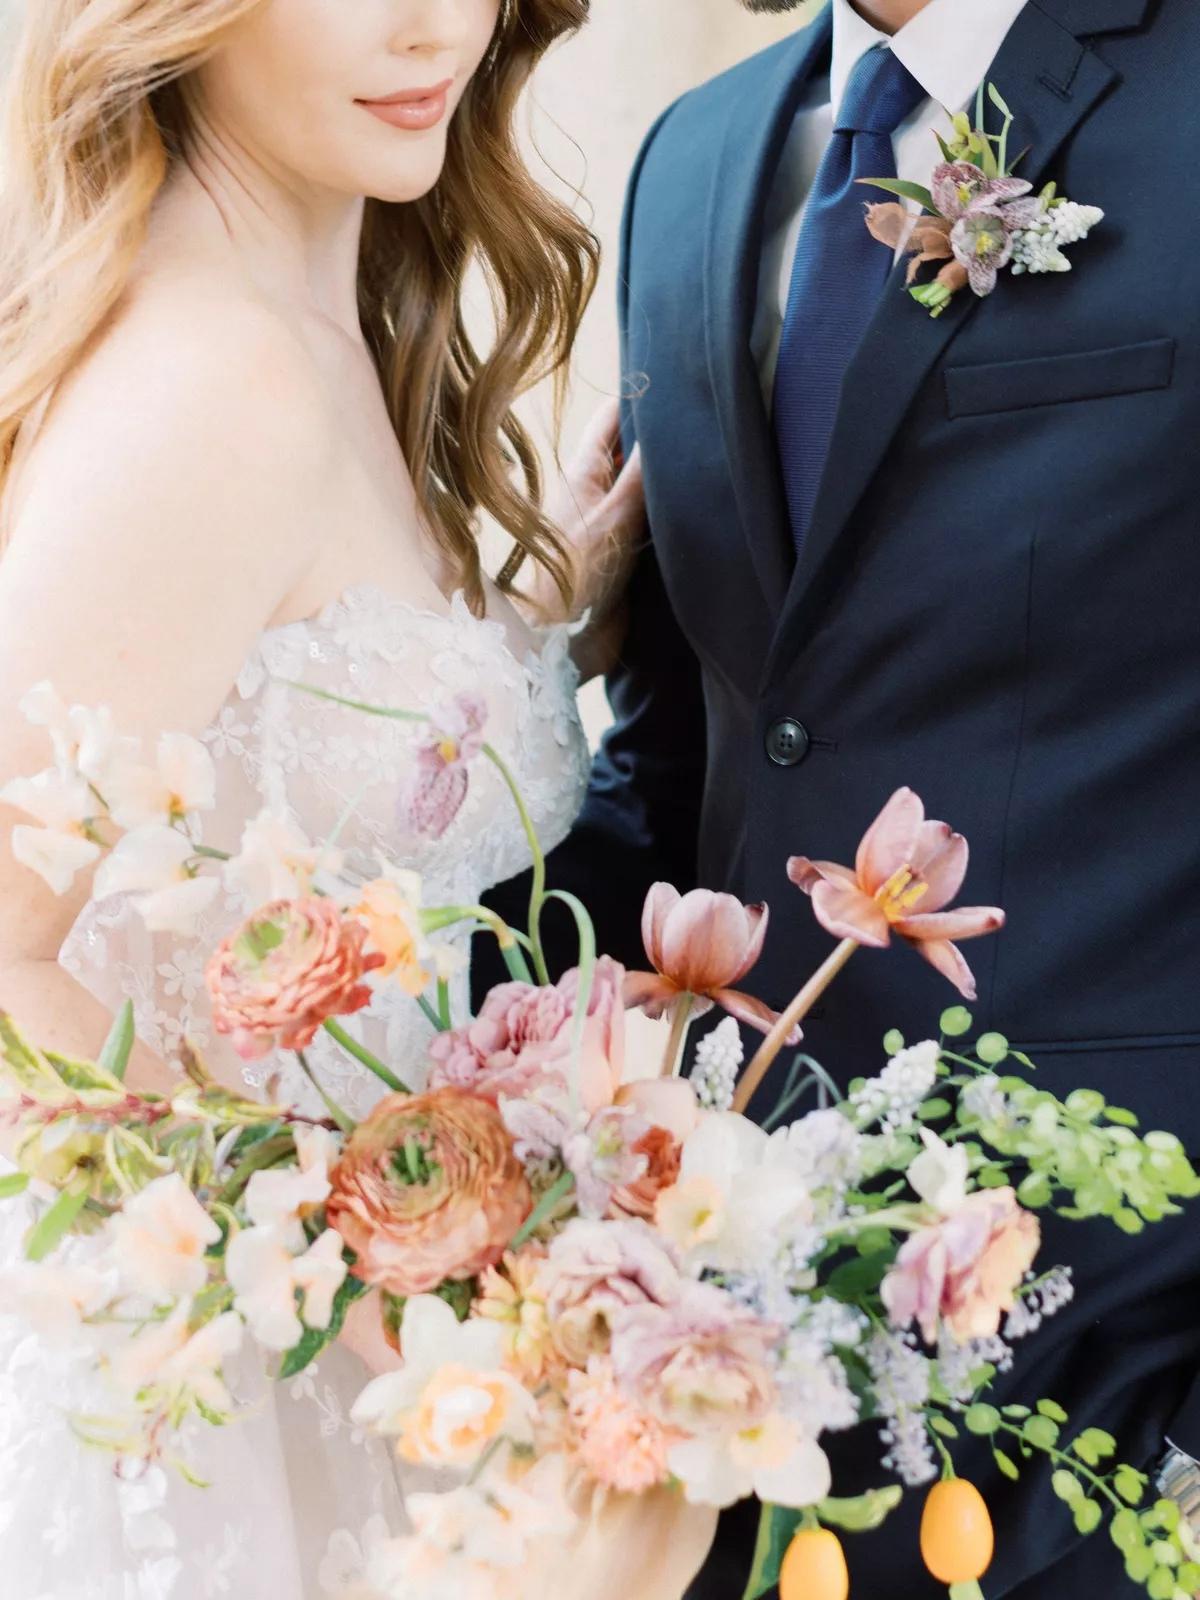 iPZa LF503o - Букет невесты из тюльпанов